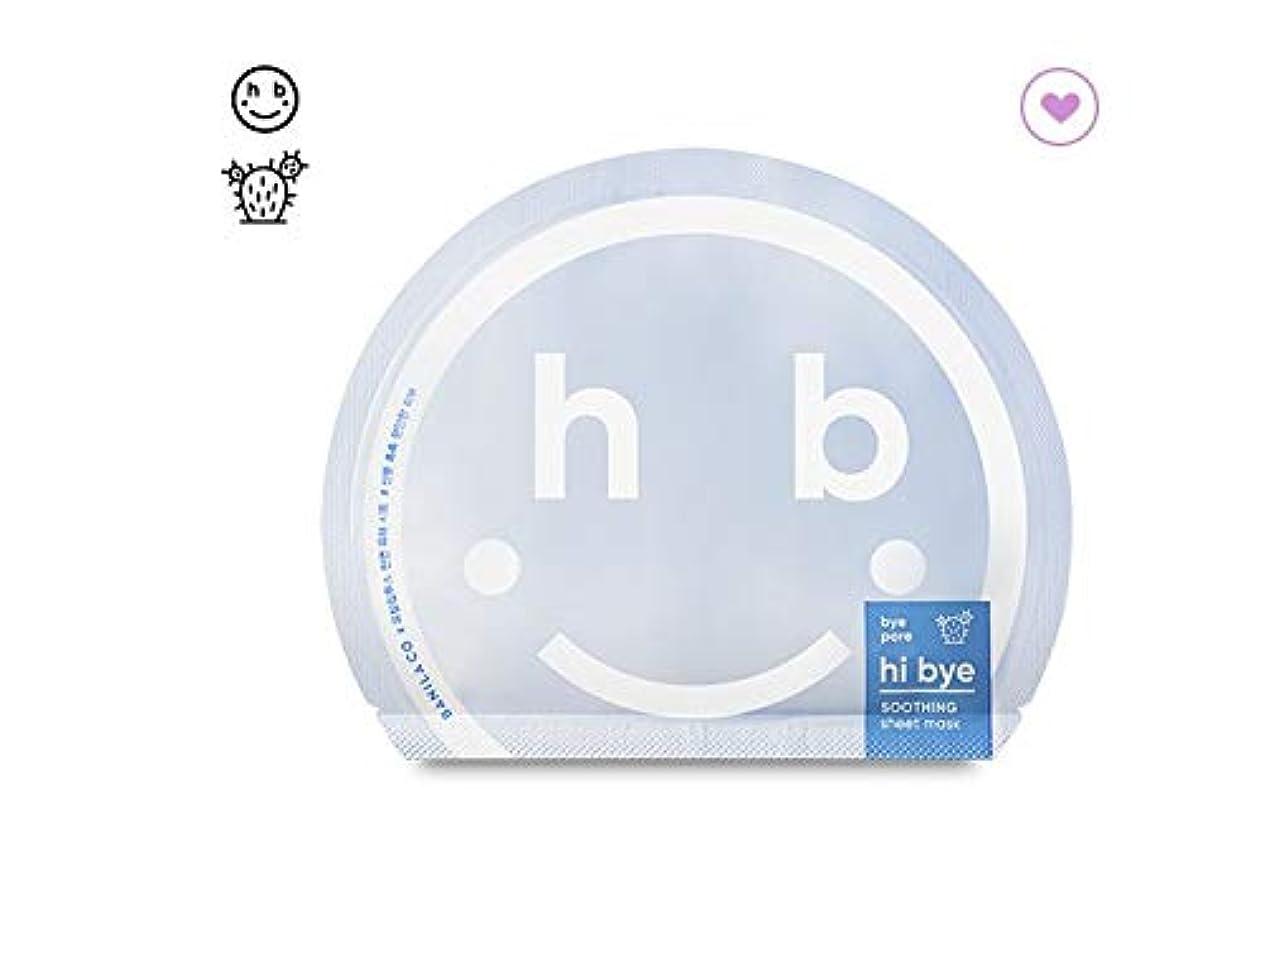 実験的ケント北東banilaco ハイバイスージングシートマスク/Hi Bye Soothing Sheet Mask 25ml [並行輸入品]